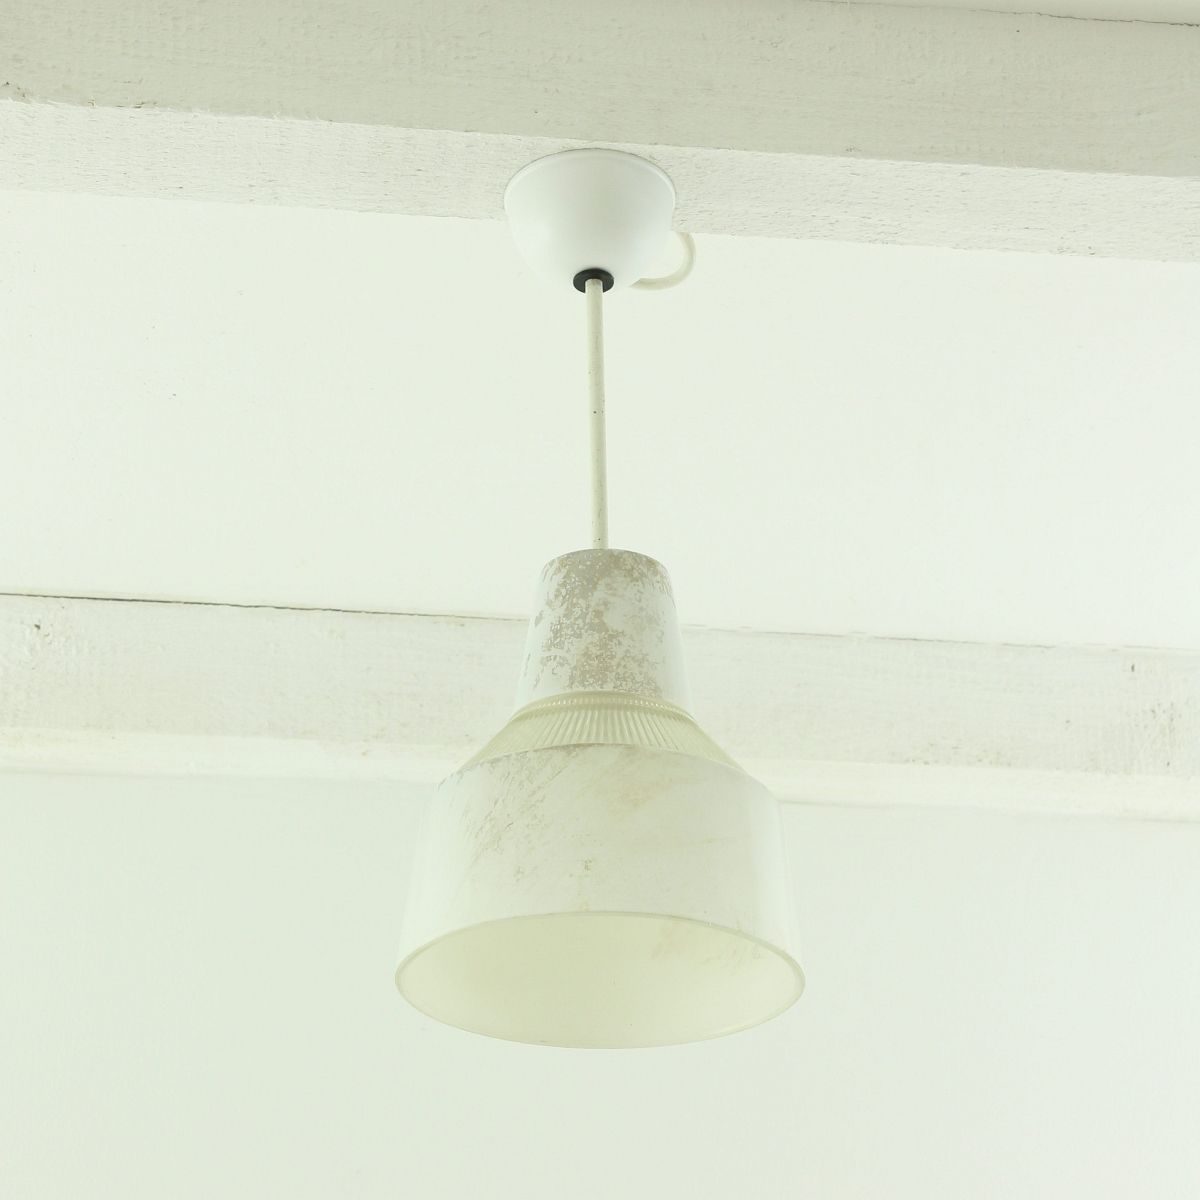 industrielle glas deckenlampe 1930er bei pamono kaufen. Black Bedroom Furniture Sets. Home Design Ideas